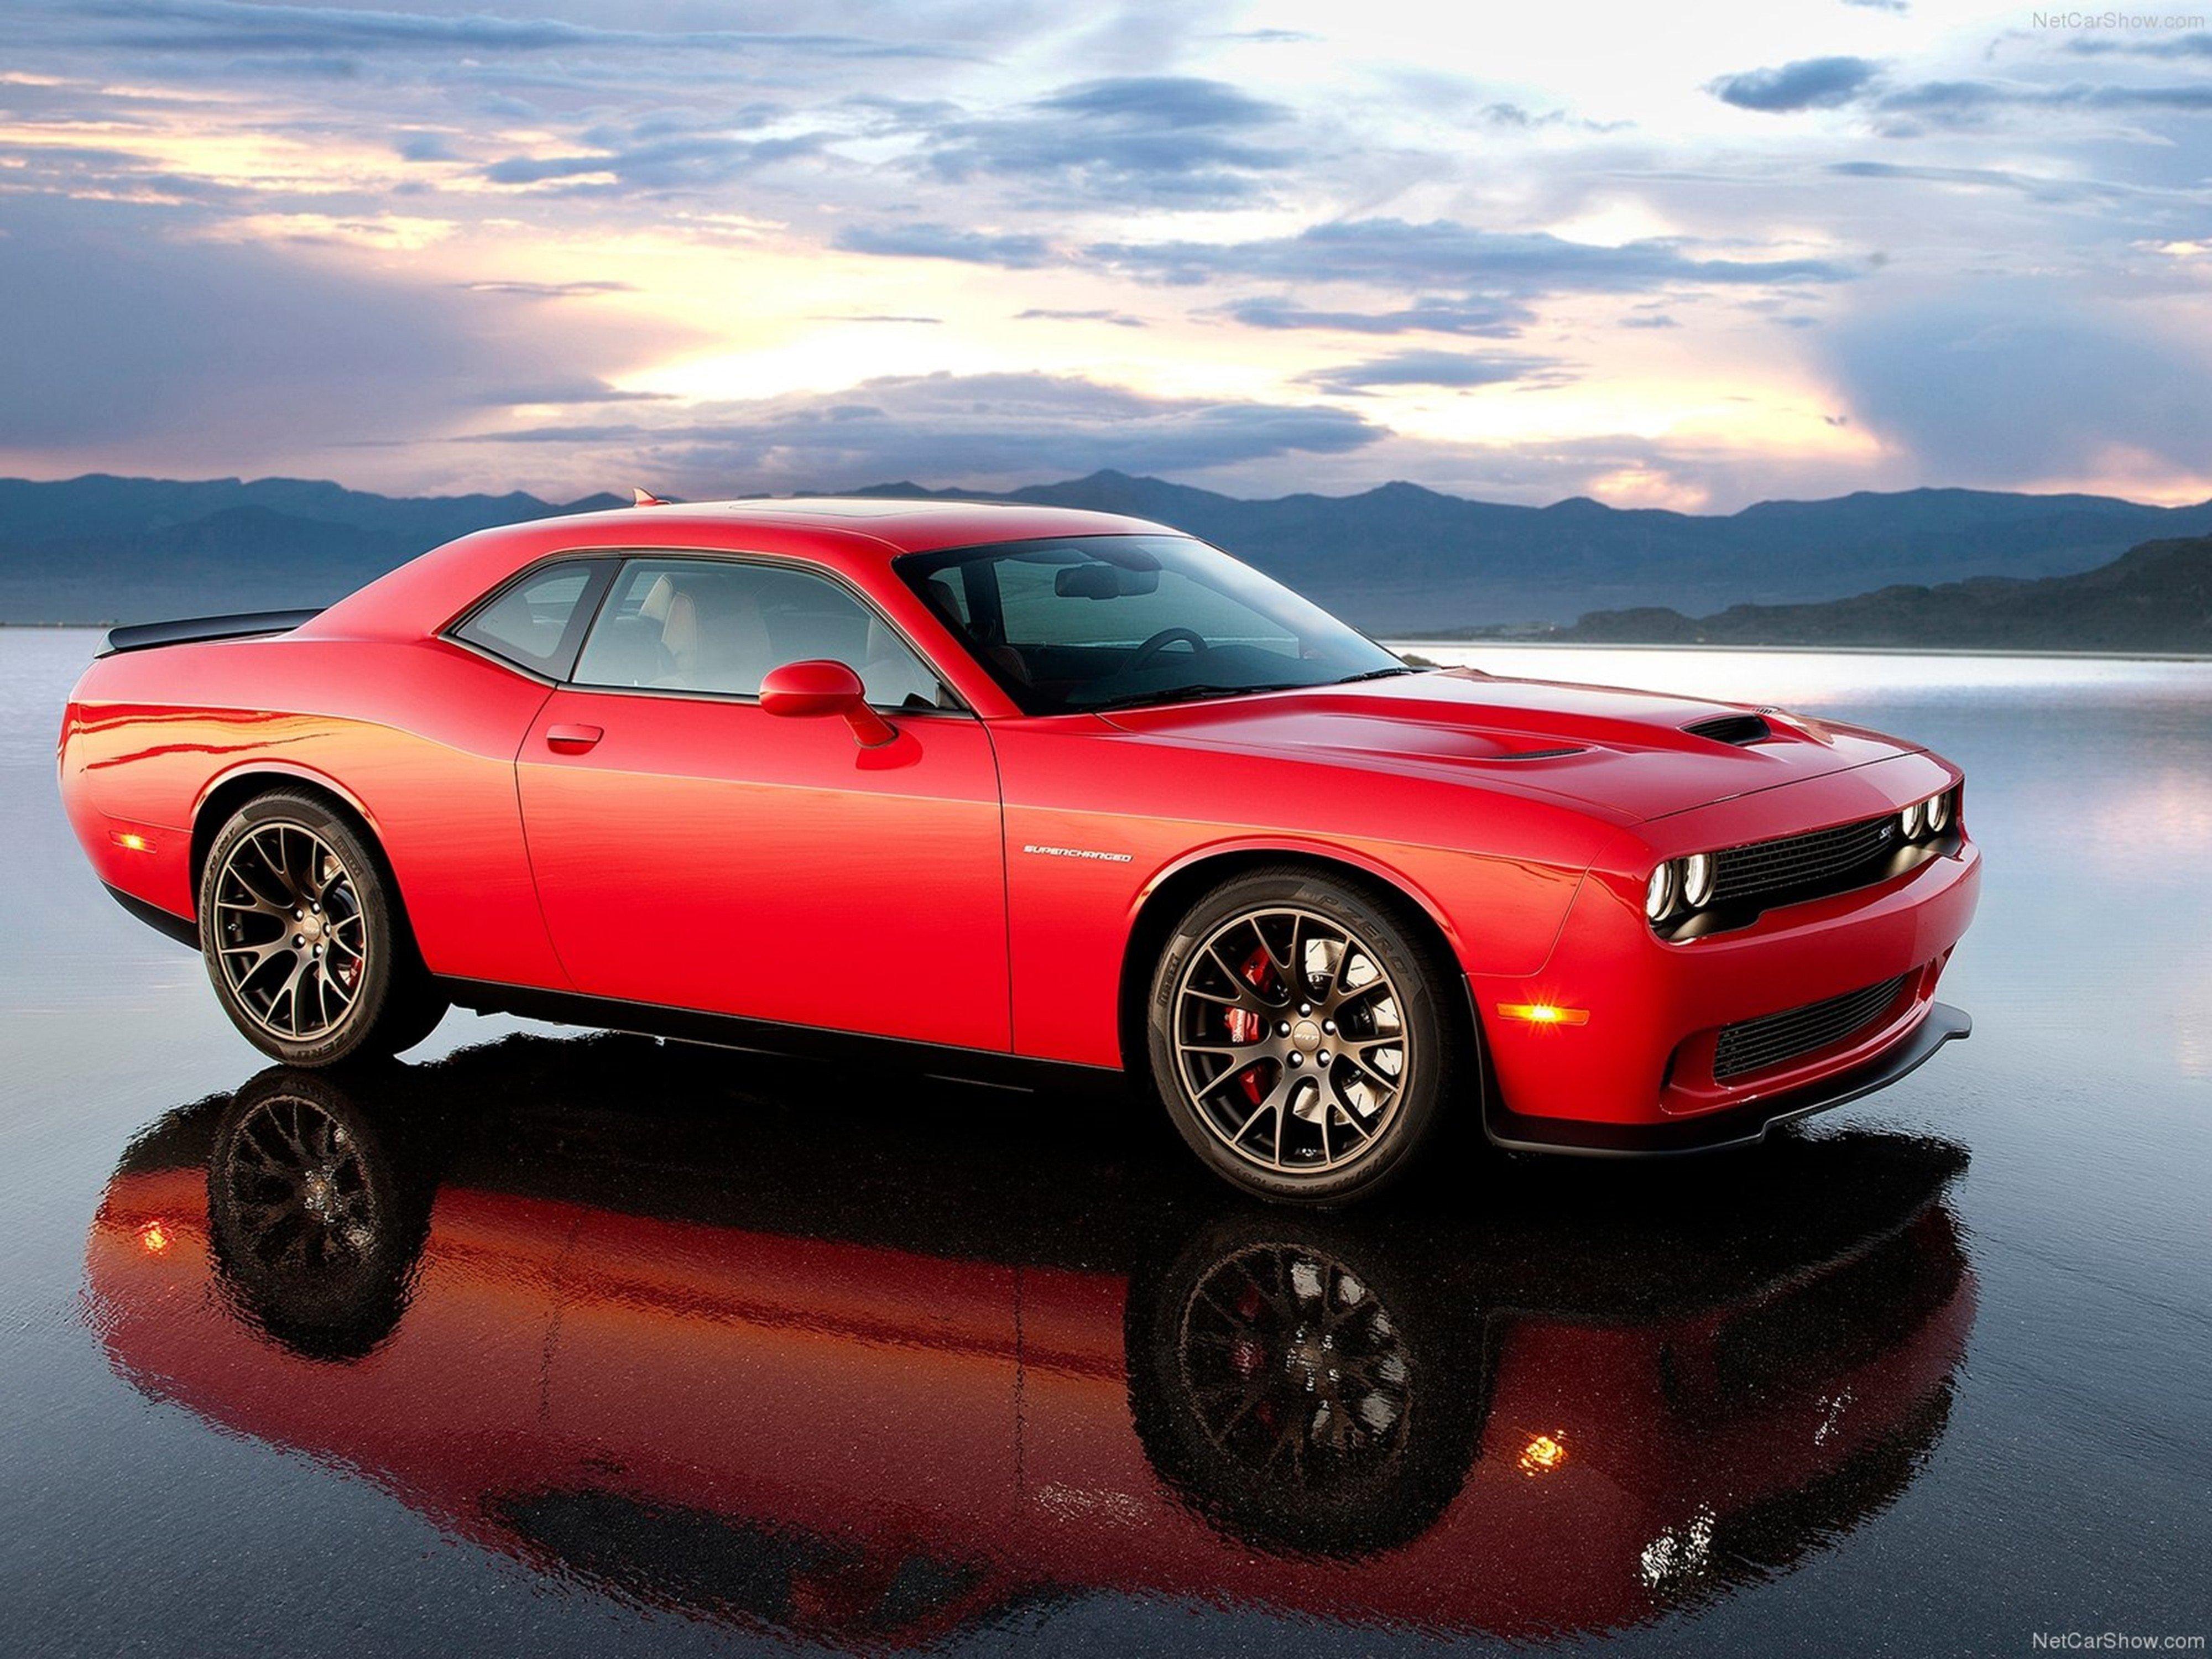 Dodge Chal Ger Srtcat Wallpaper Red Muscle Car Car Sport Xx  Wallpaperup